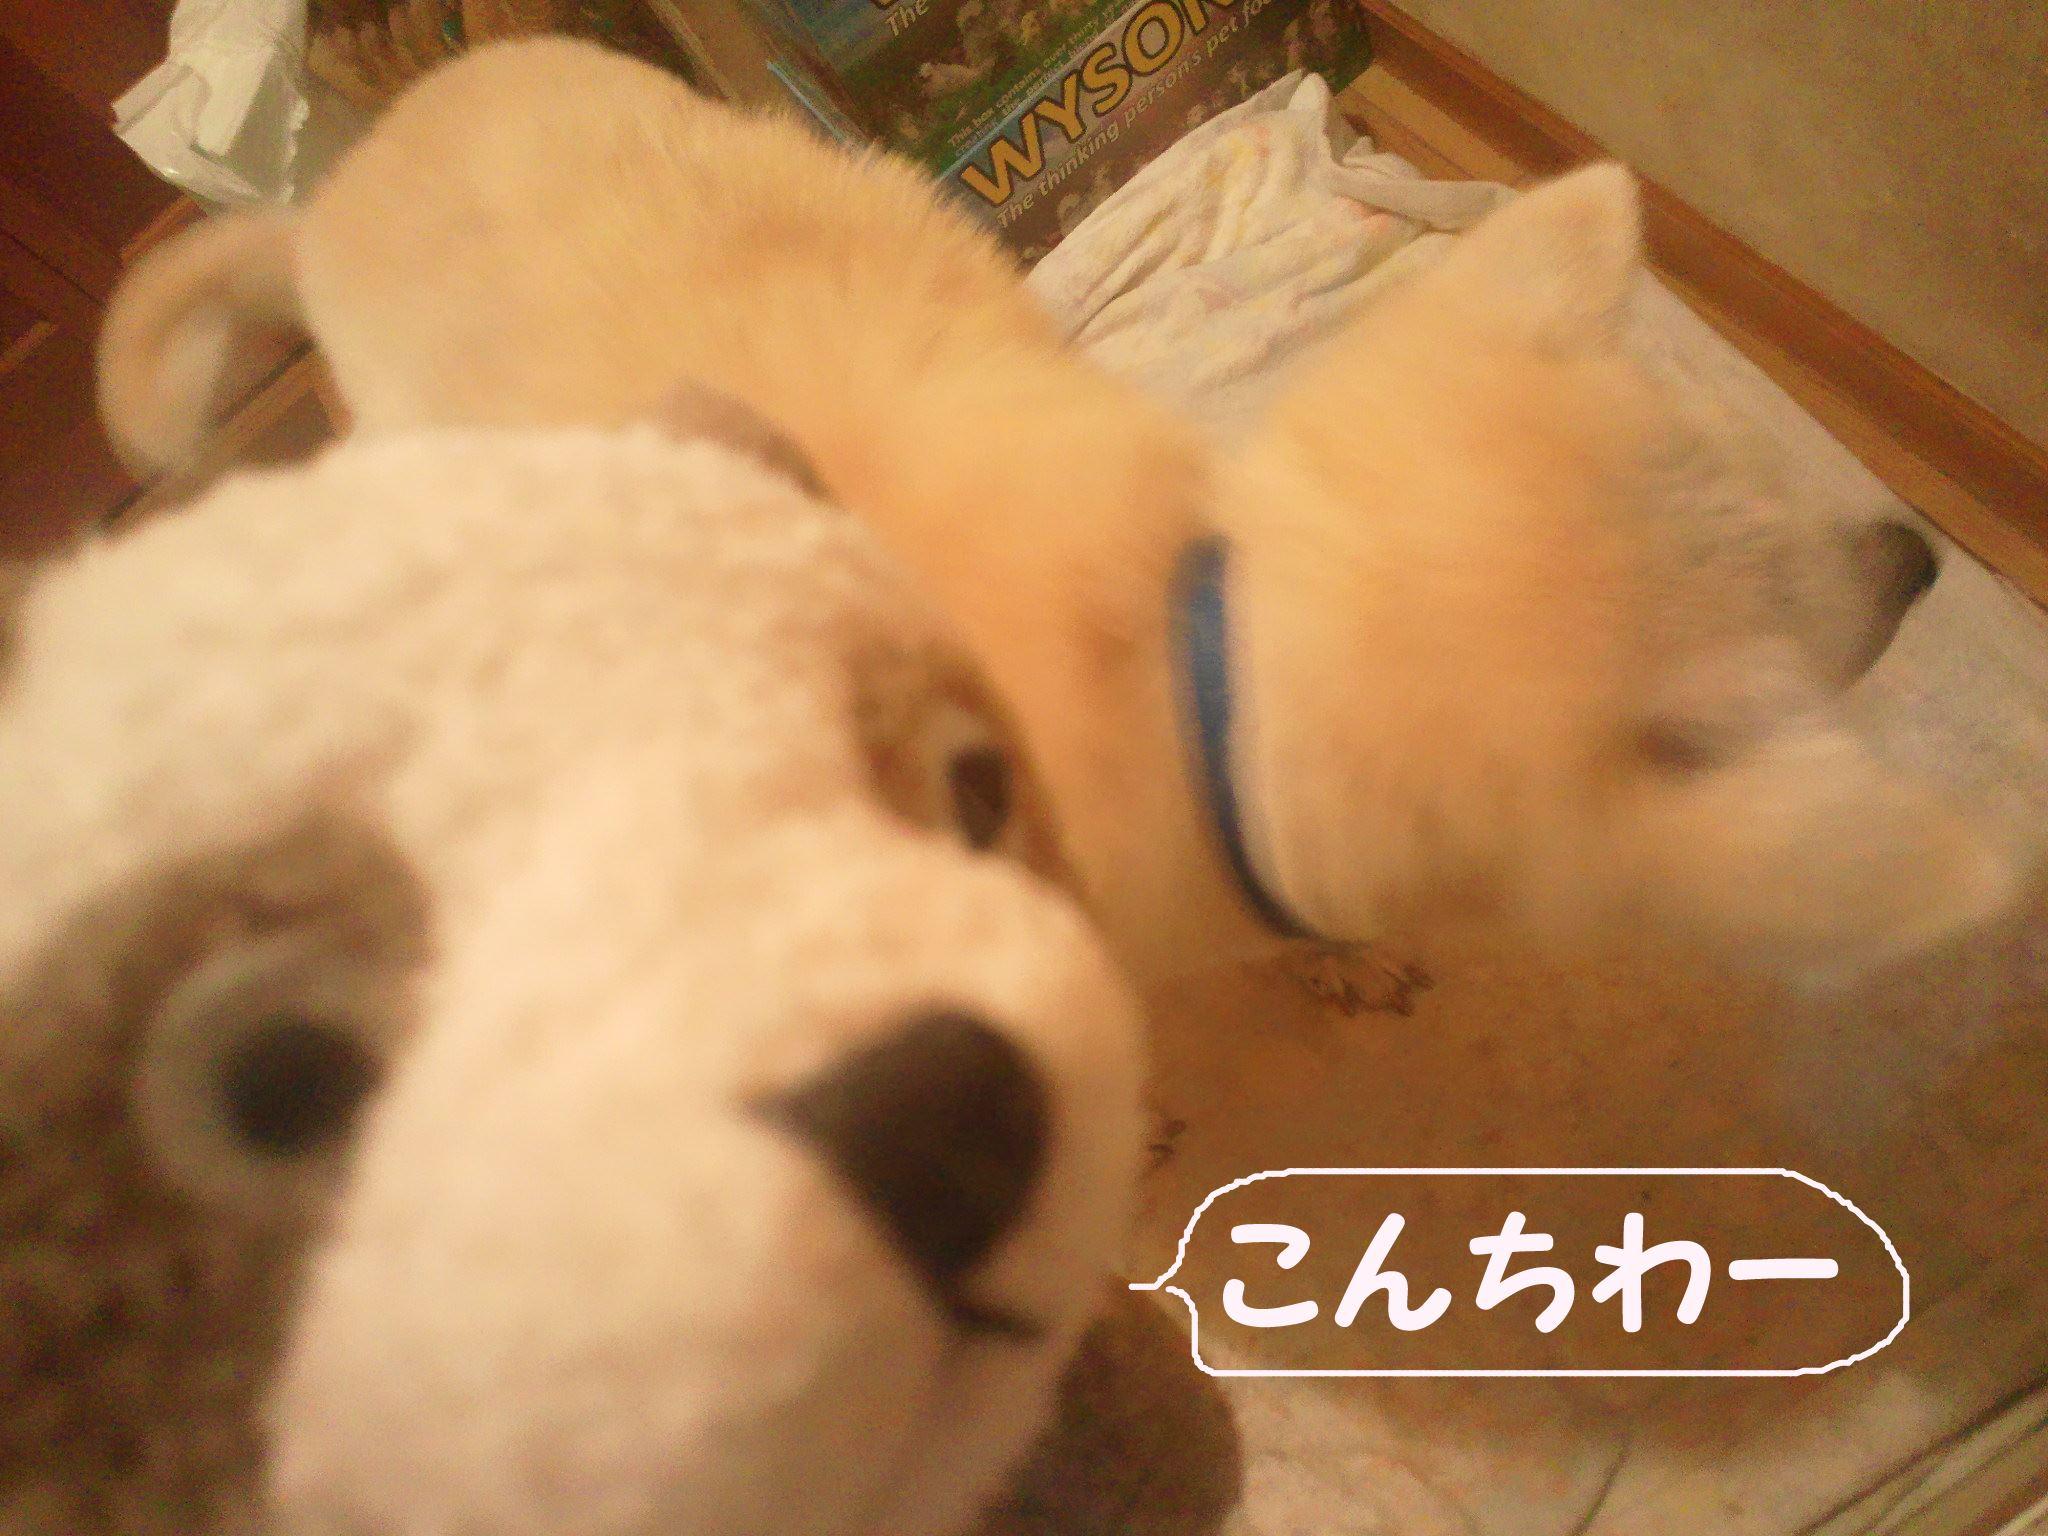 プレゼント for あおば!_f0242002_1301250.jpg